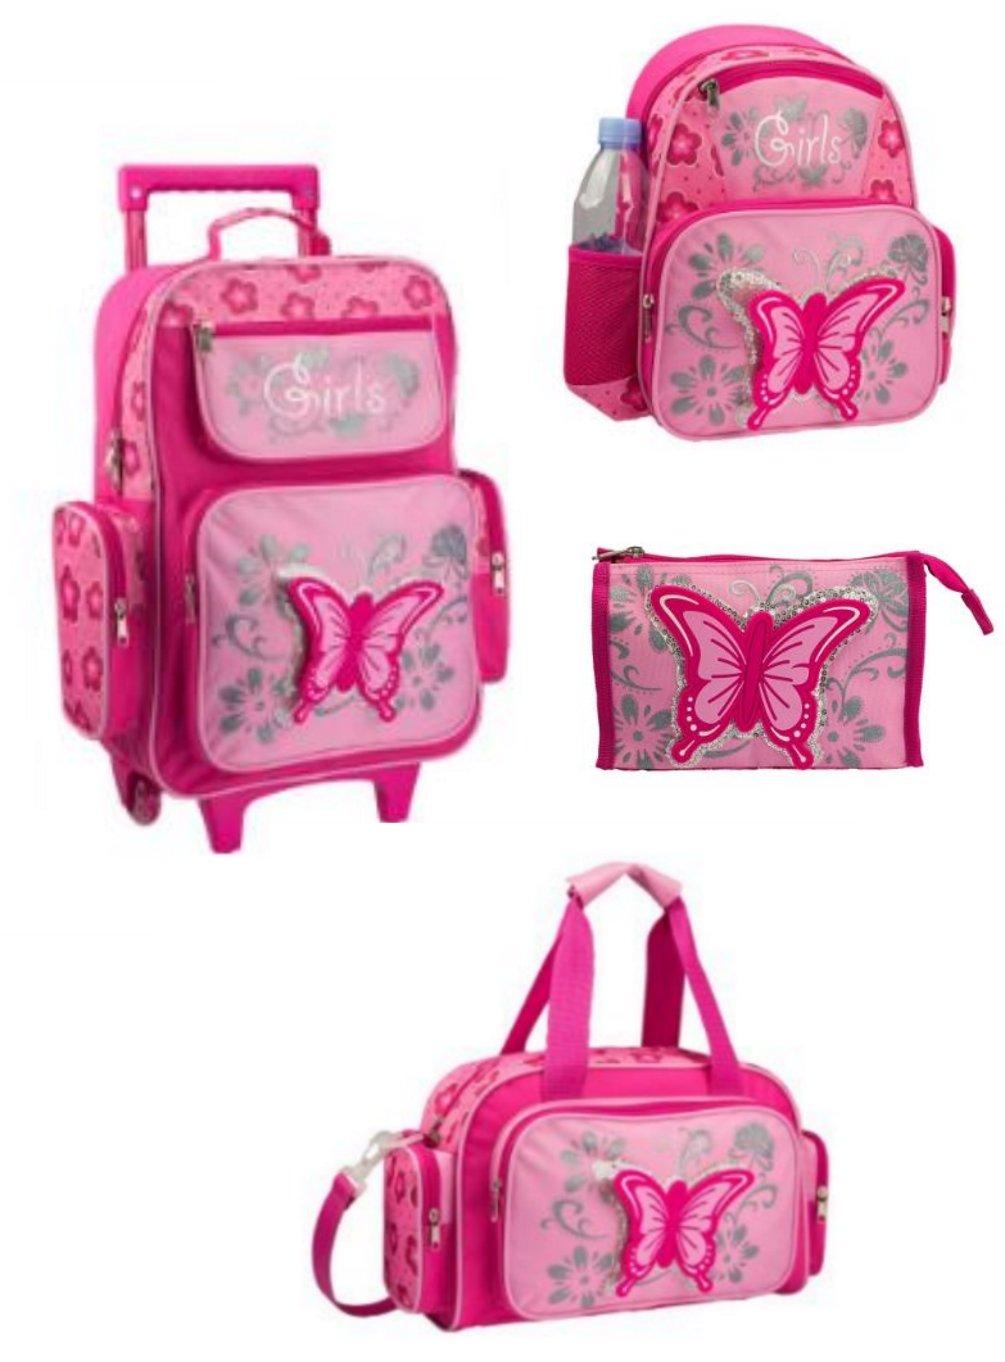 Butterfly - Kinder-Trolley-Set - 4-teilig - Trolley, Rucksack, Reisetasche, Kulturtasche